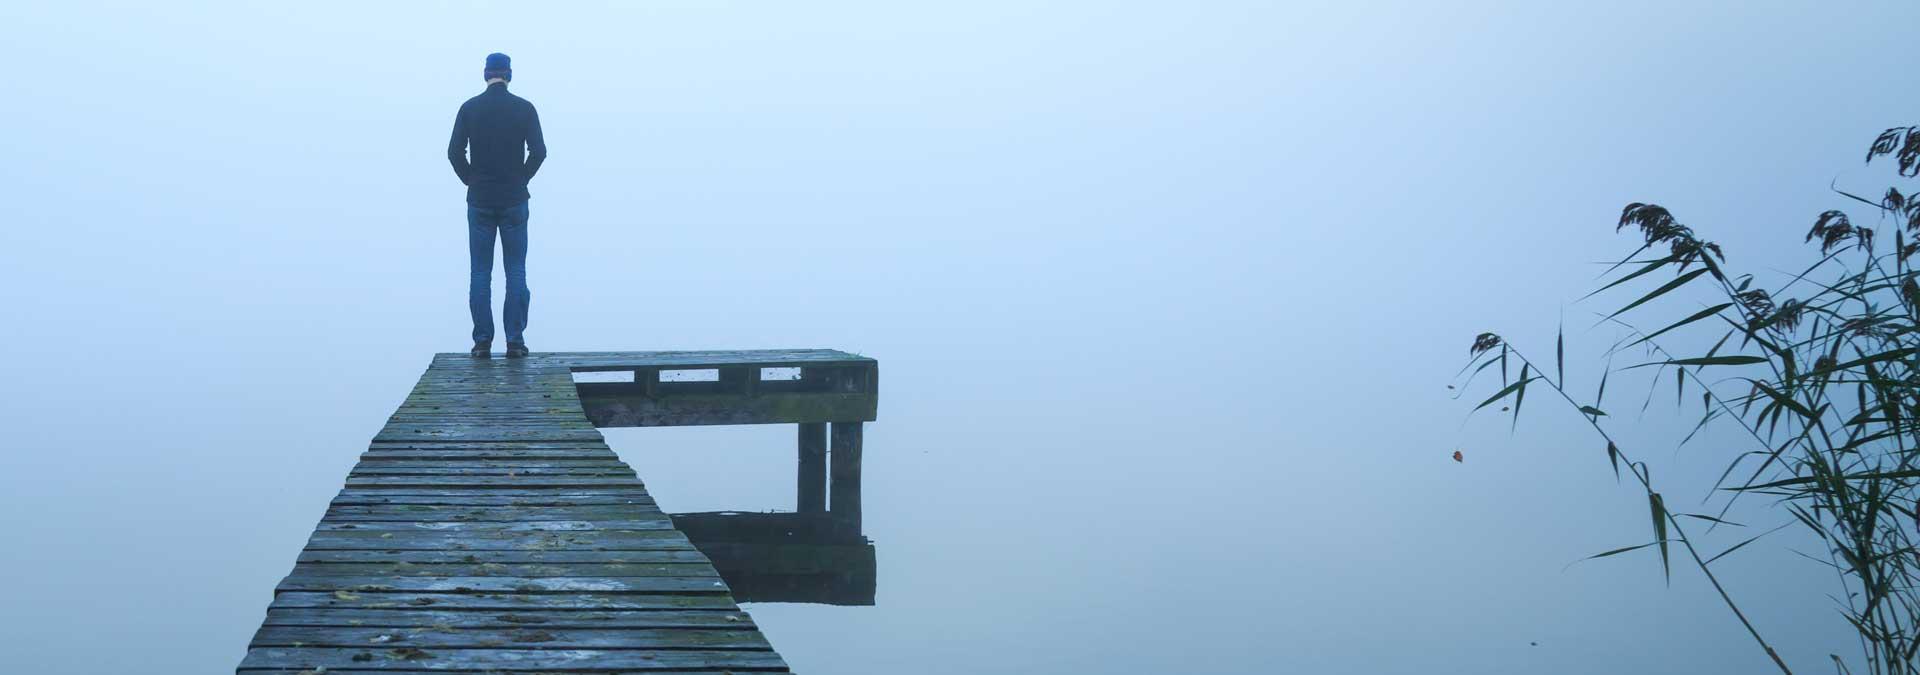 Spreuken over accepteren en de kracht van acceptatie citaten van inge ingspire